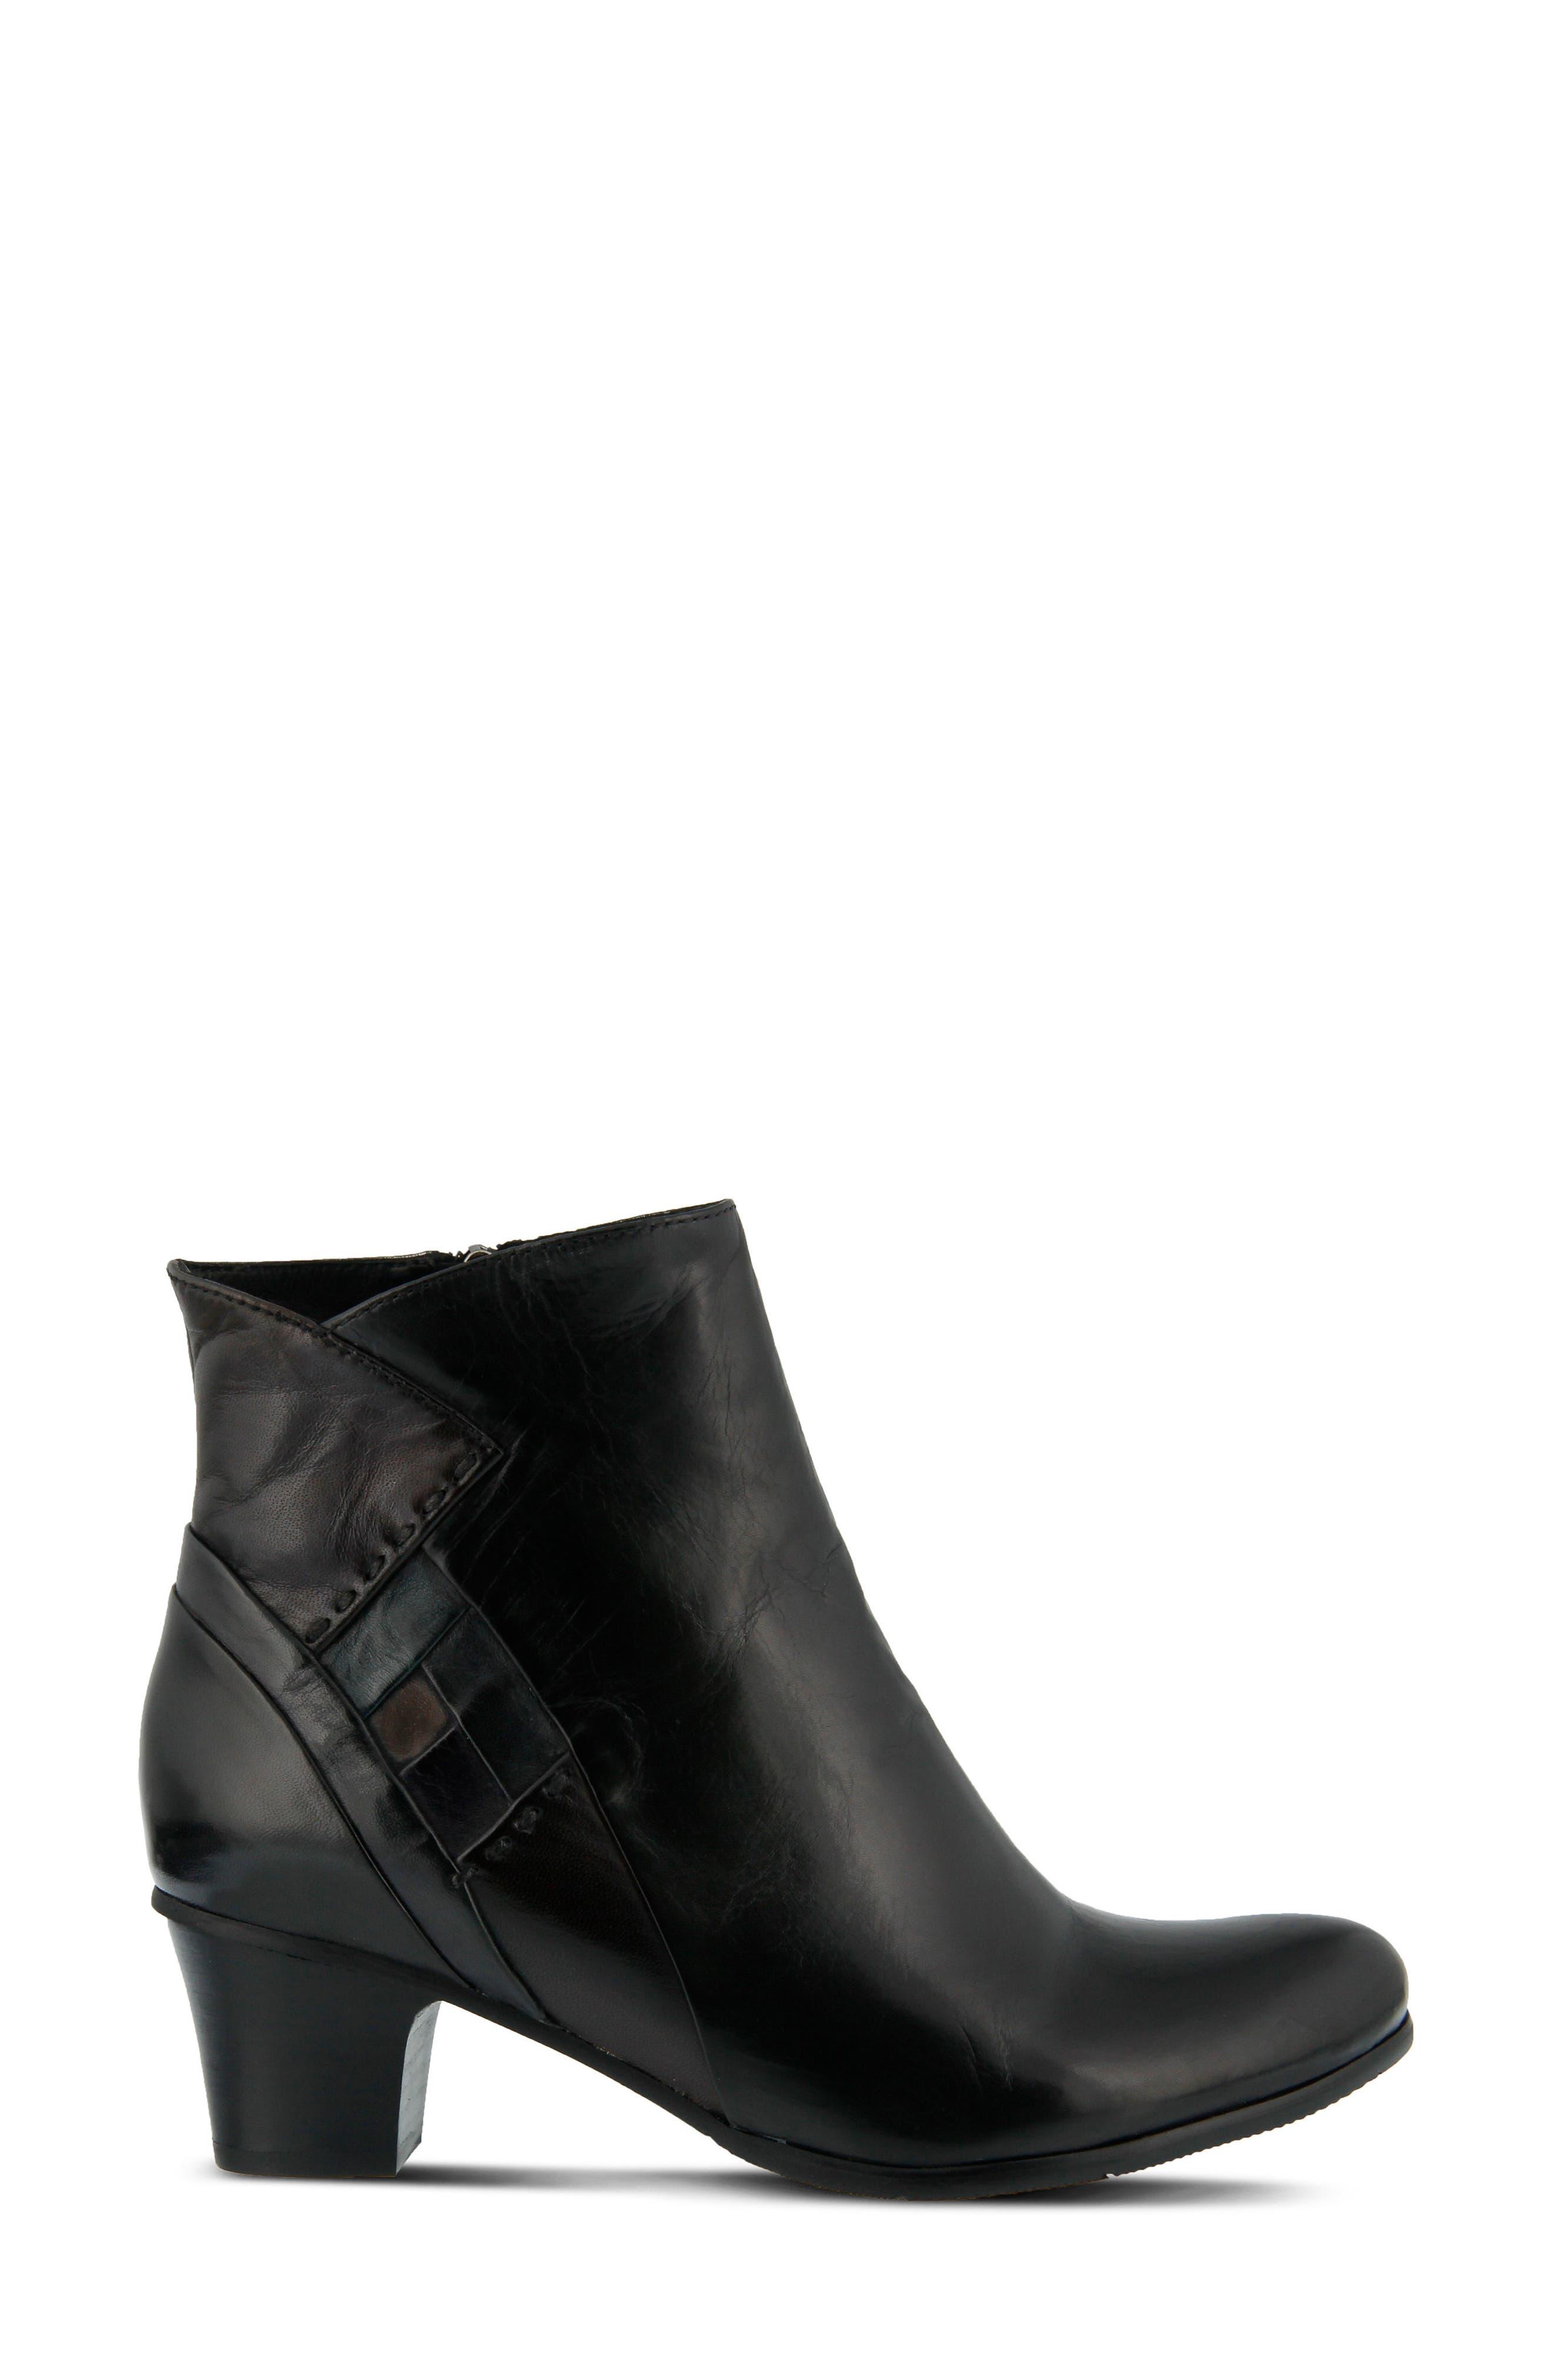 Gaspar Bootie,                             Alternate thumbnail 3, color,                             Black Multi Leather